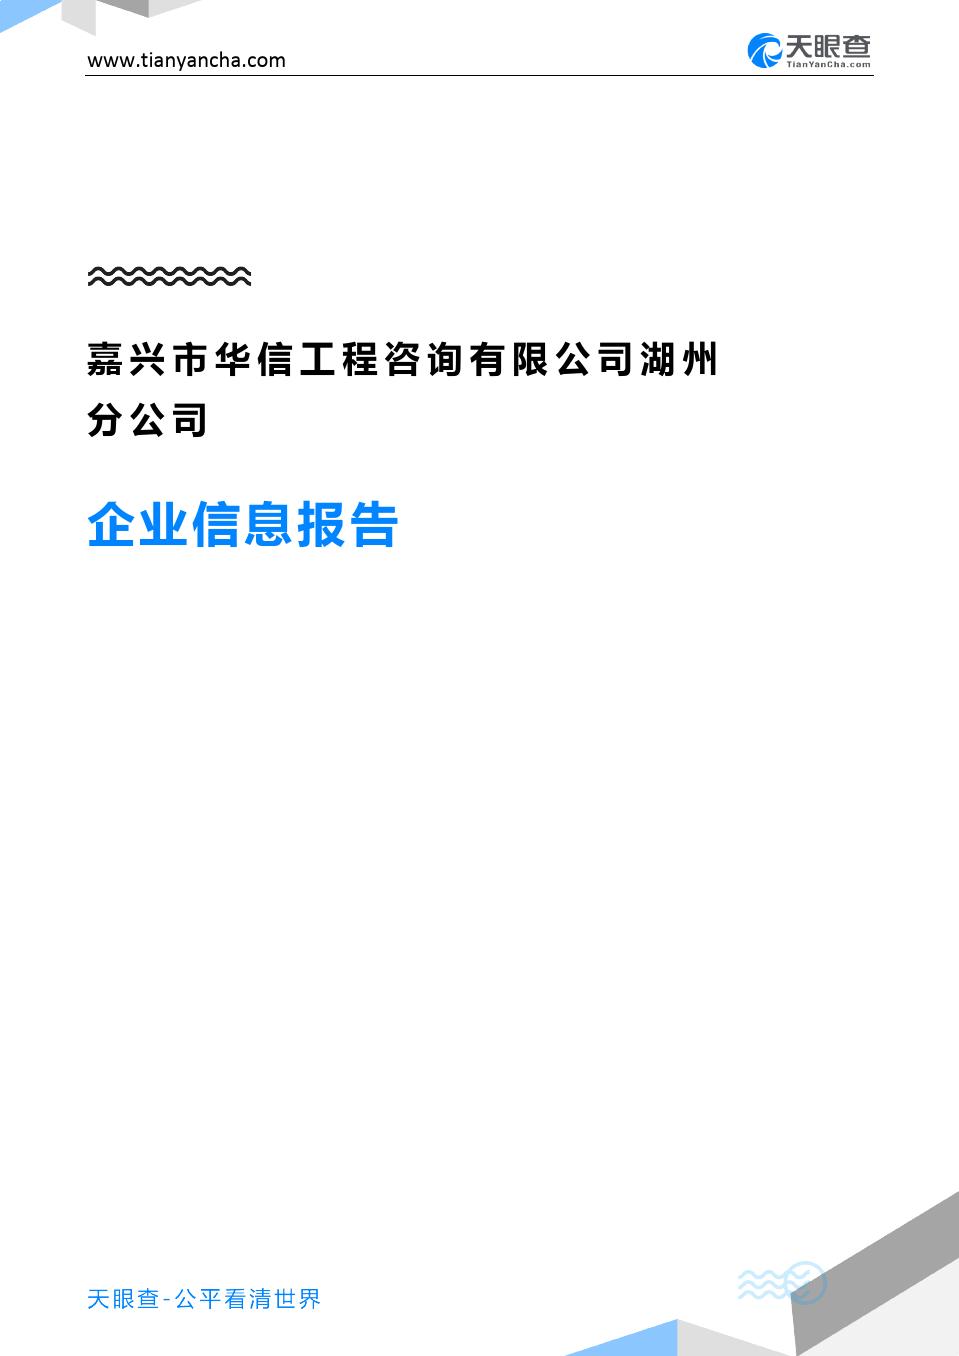 嘉兴市华信工程咨询有限公司湖州分公司企业信息报告-天眼查